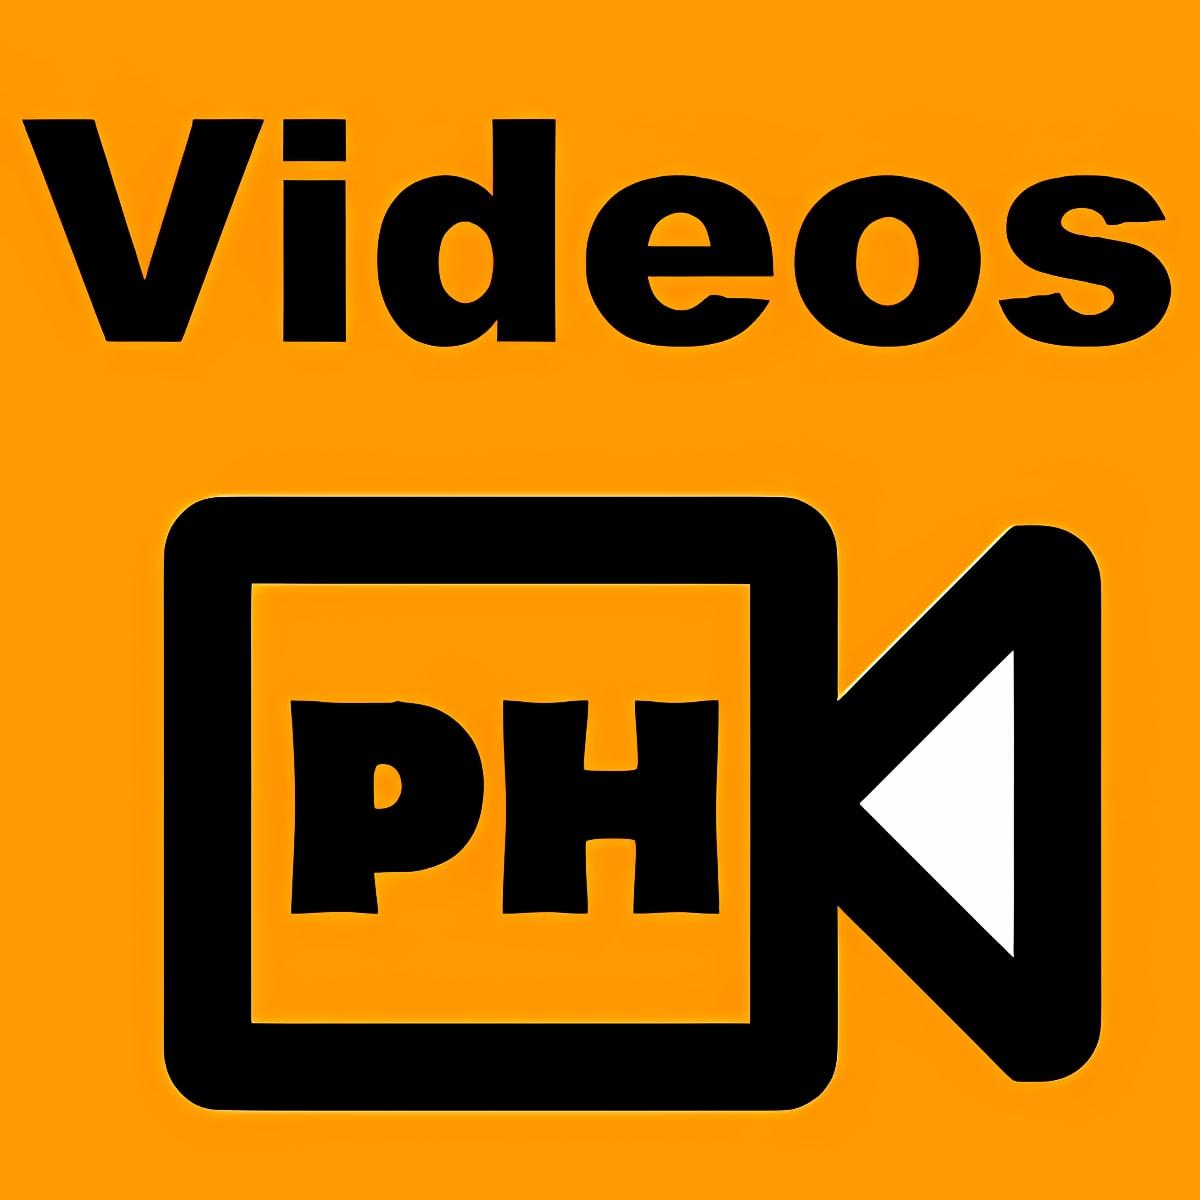 Phub Player